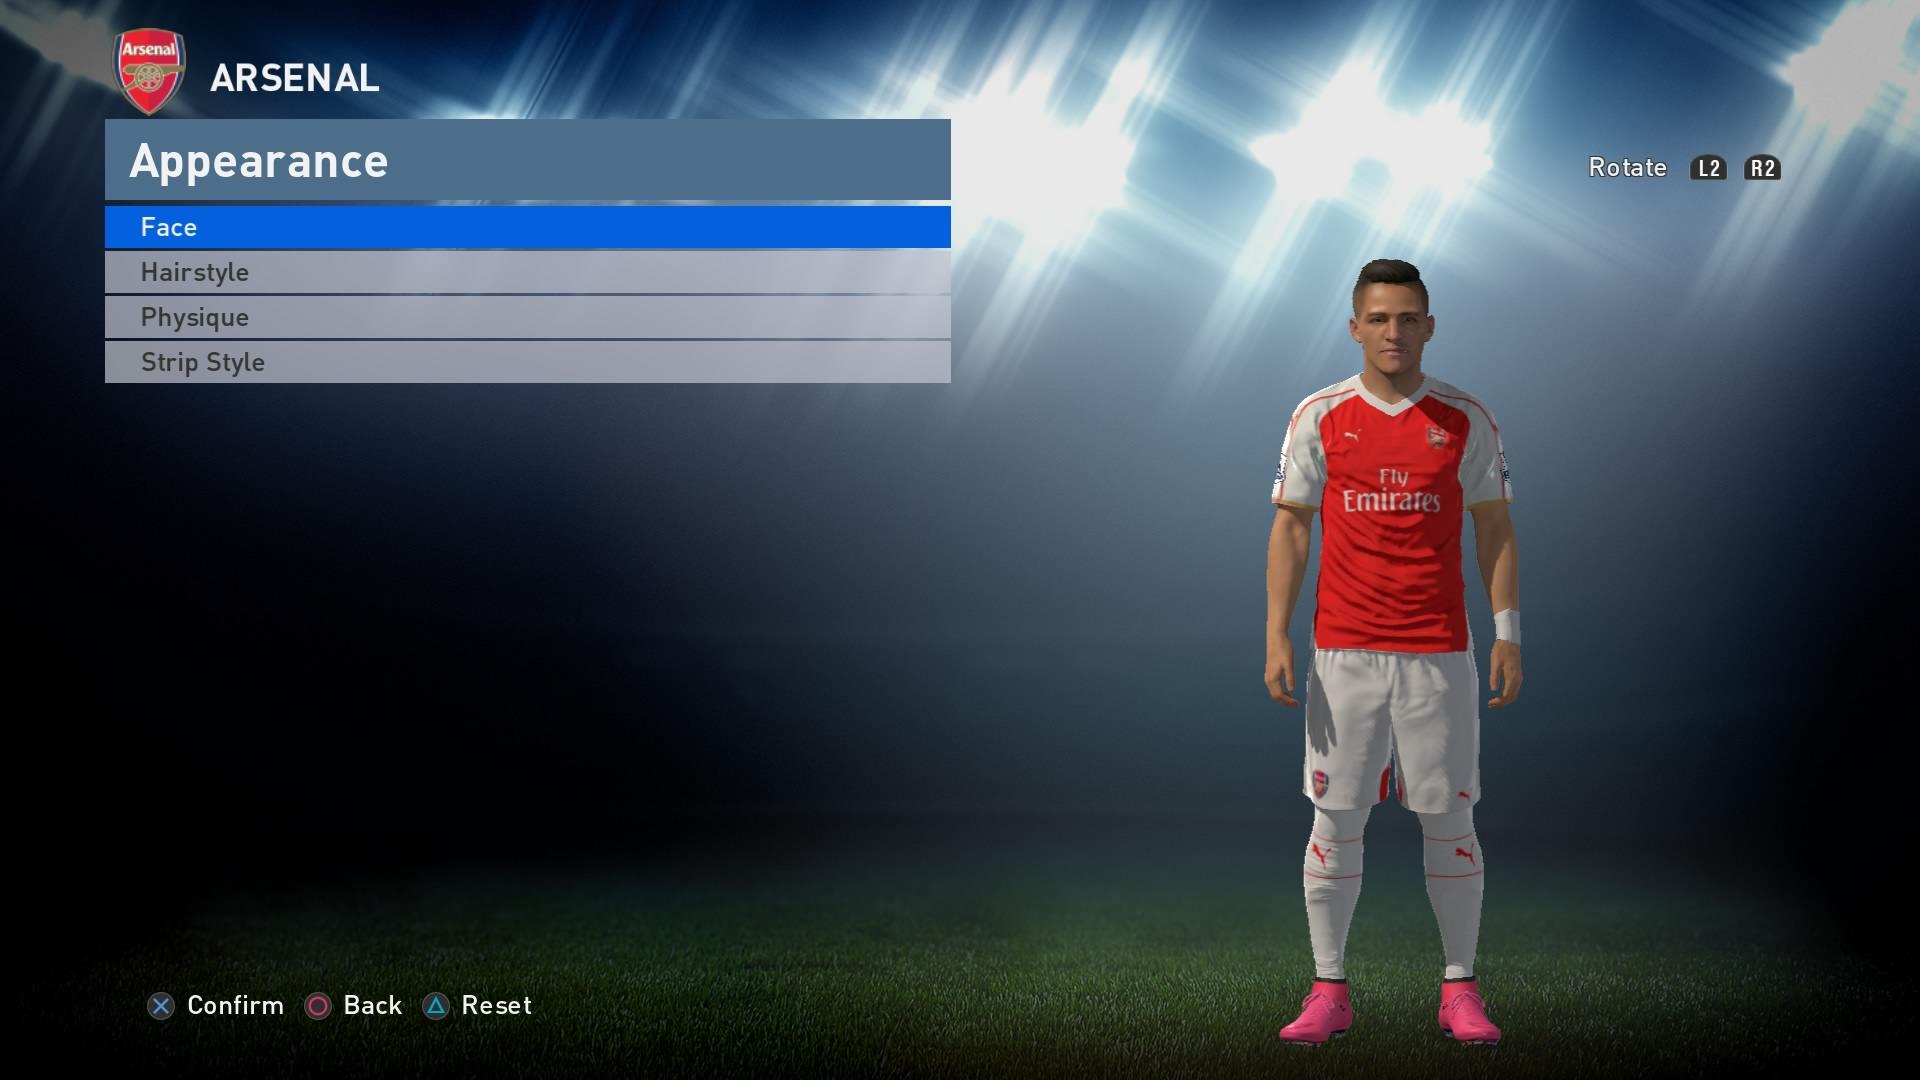 PES 2016 - Arsenal Kit